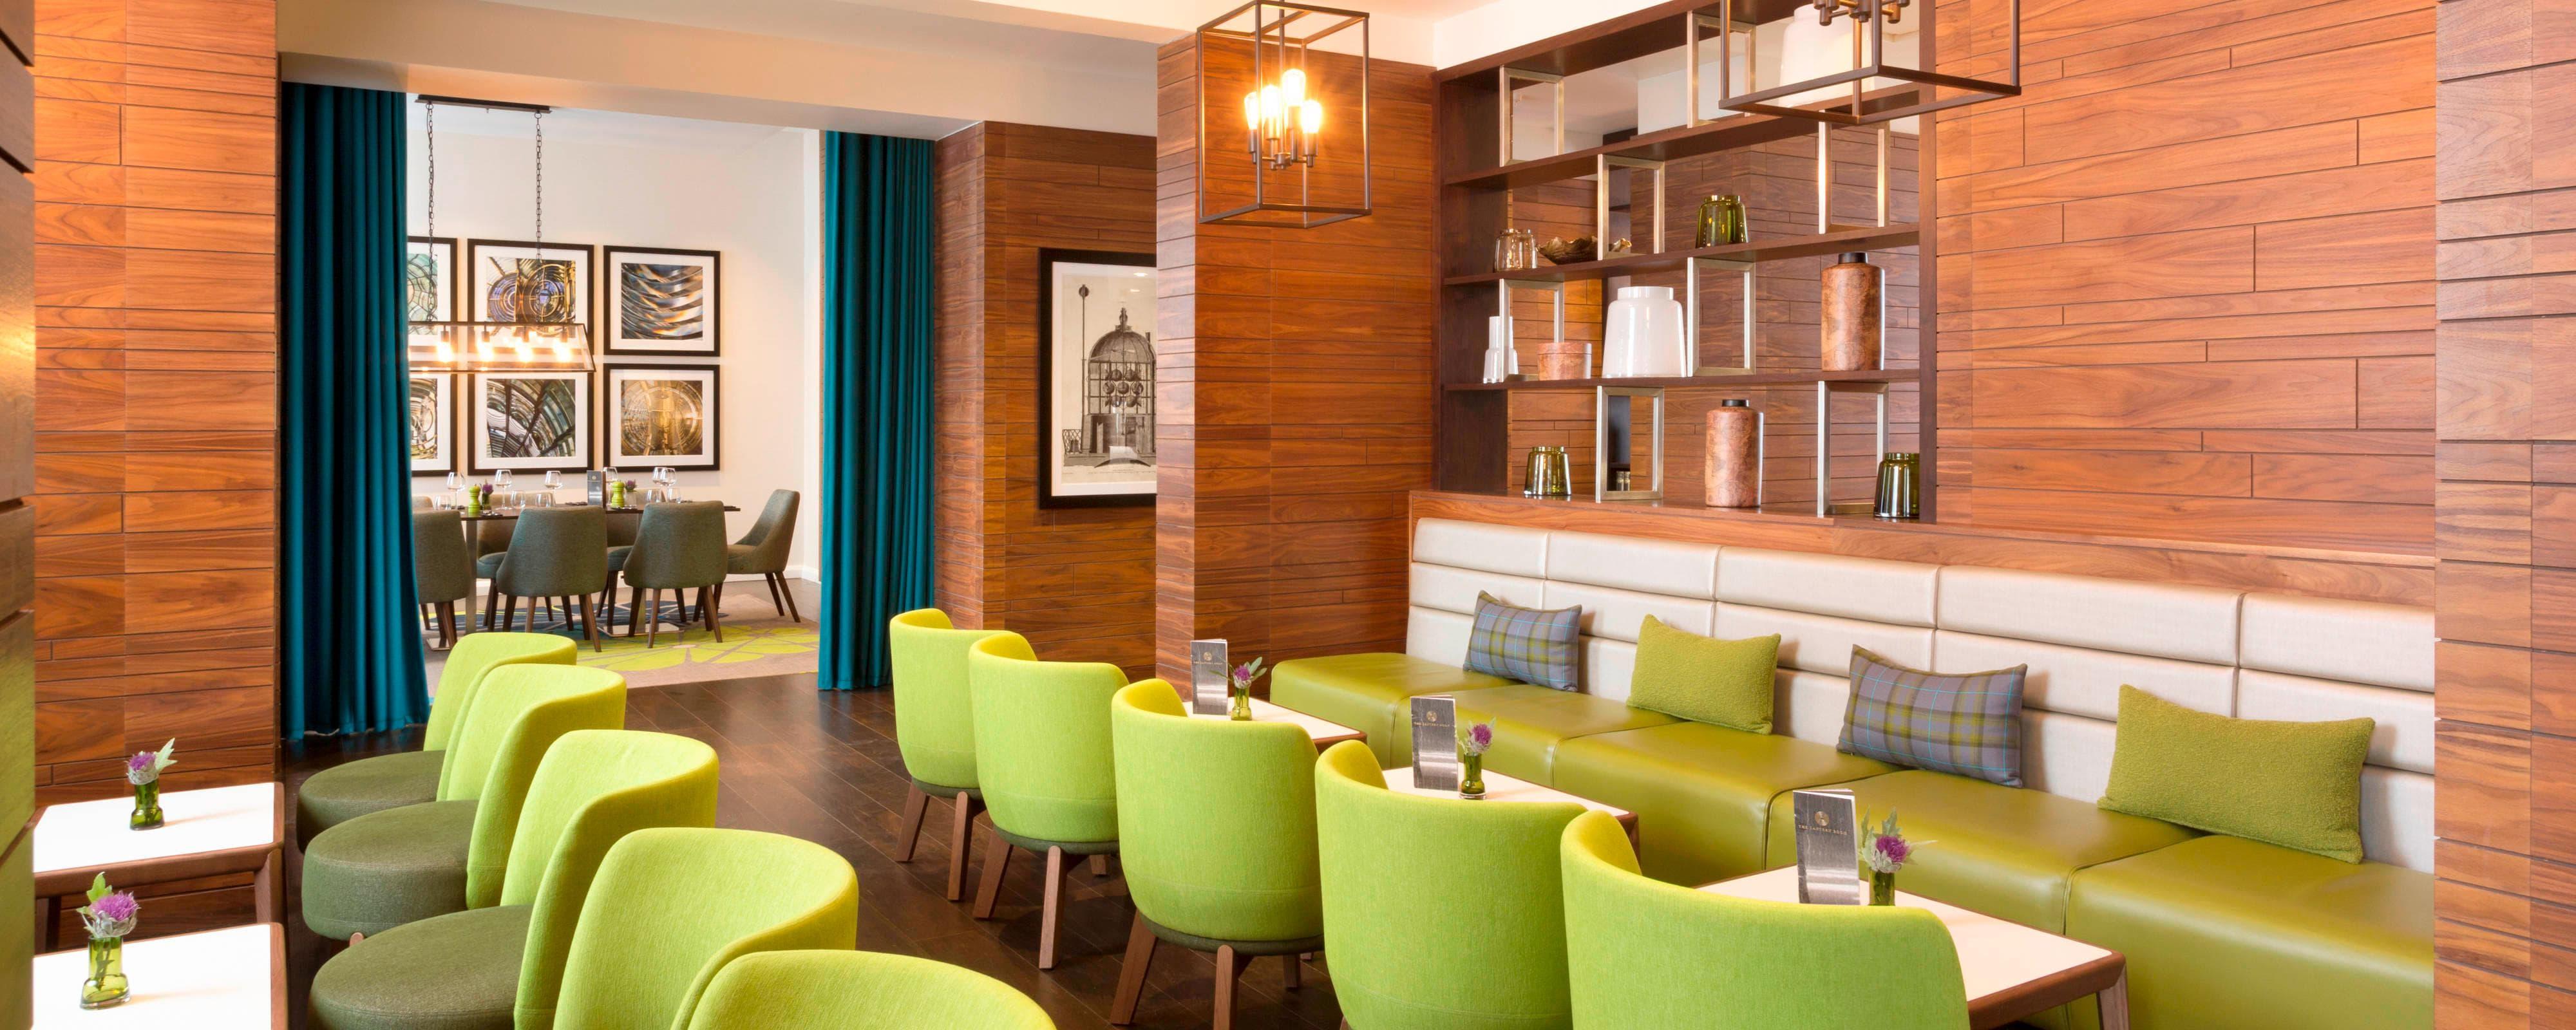 living room restaurant edinburgh